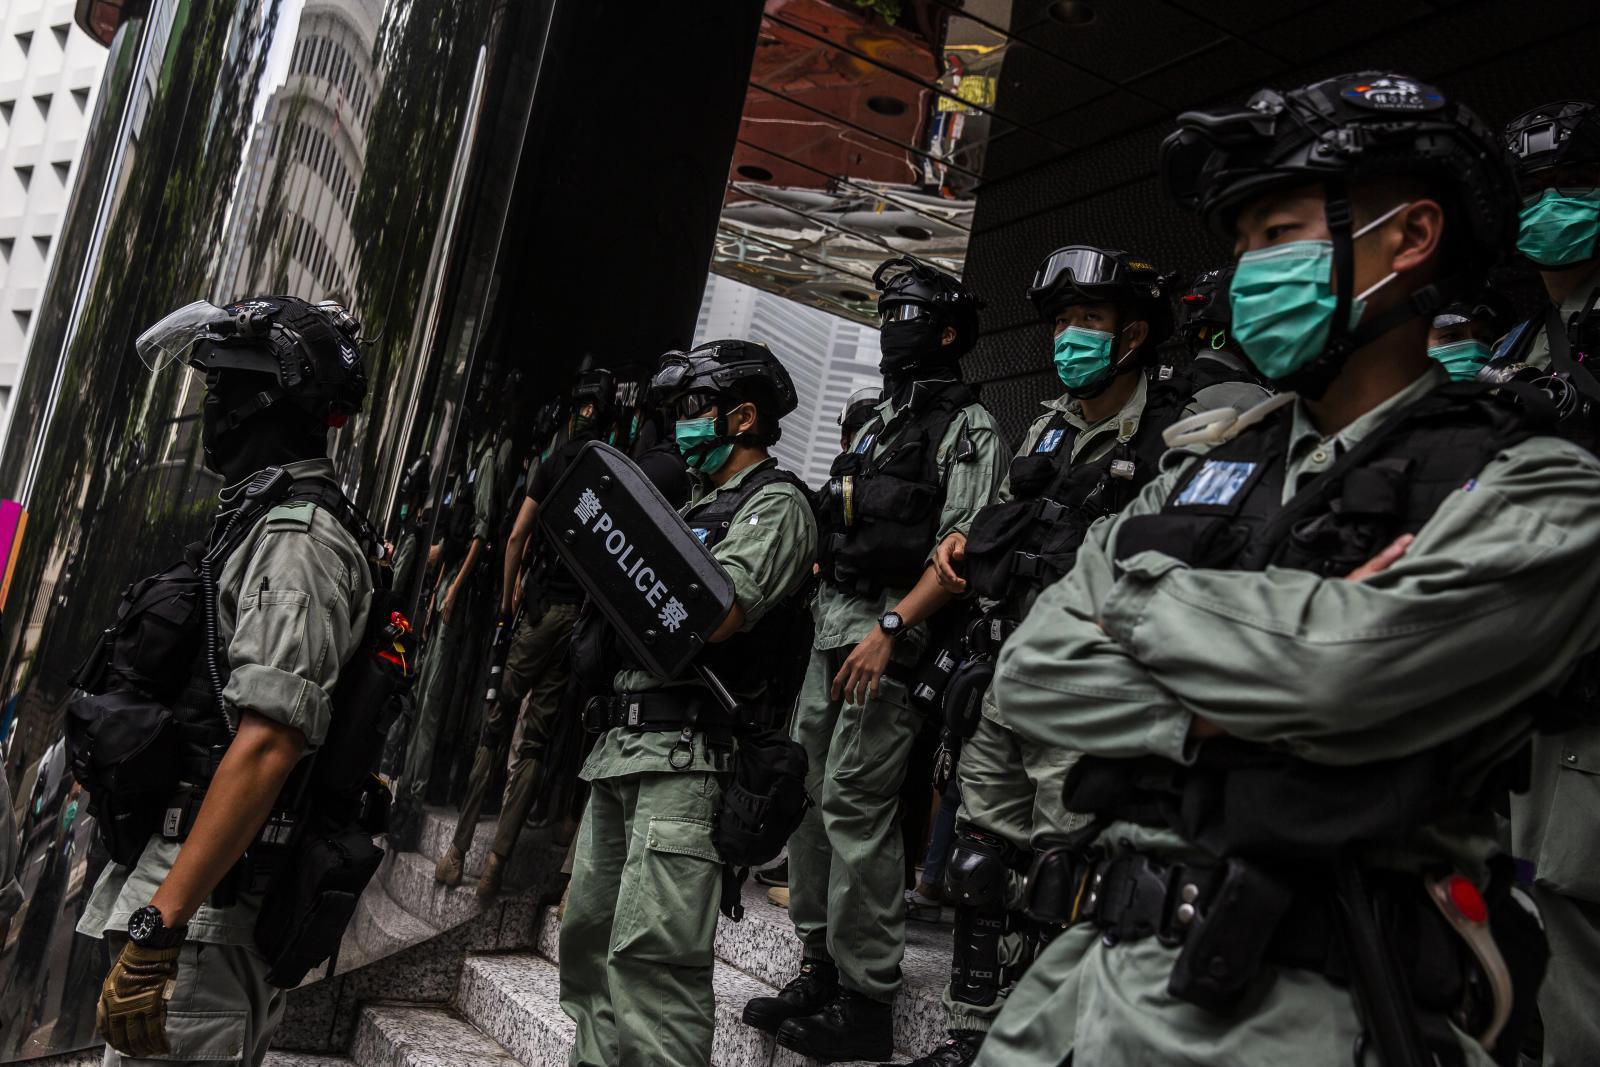 สื่อโซเชียลมีเดียหยุดให้ข้อมูลผู้ใช้แก่ตำรวจฮ่องกง